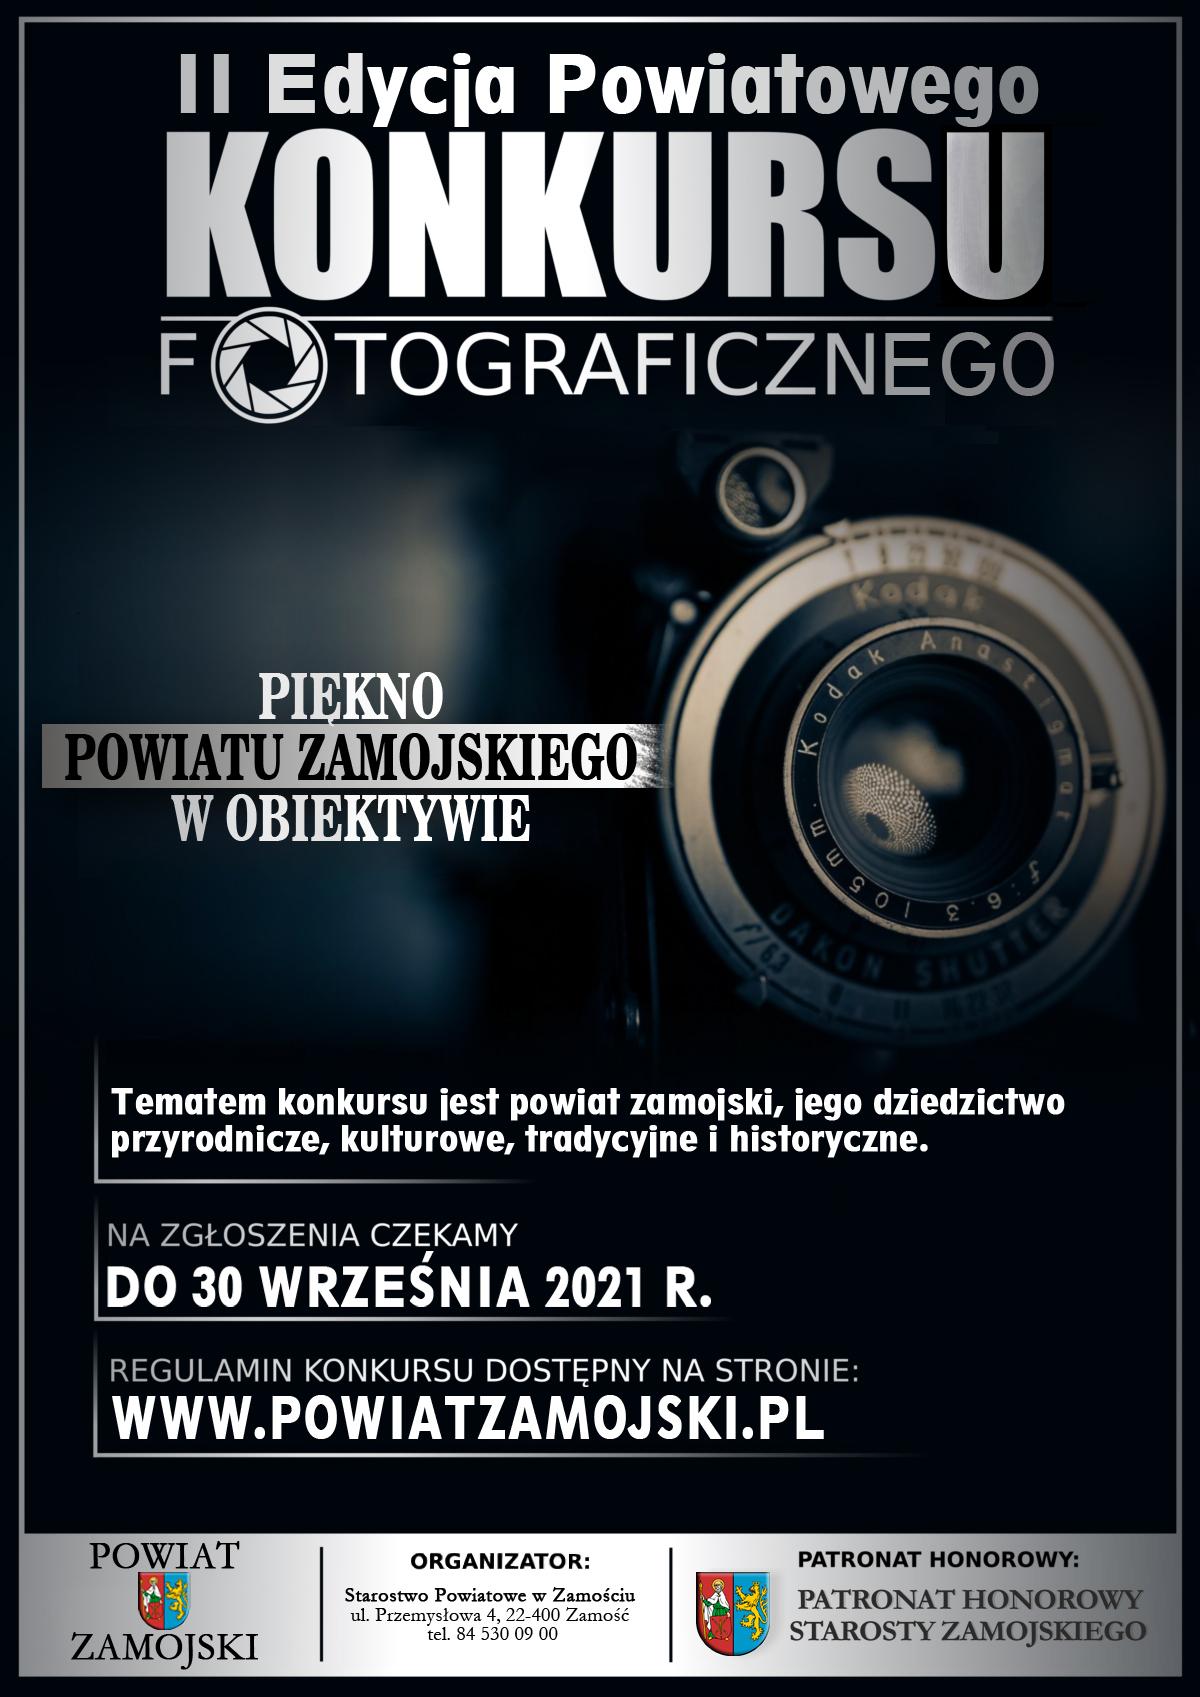 ii edycja 1200x1697 kopia Uchwyć w kadrze piękno naszego powiatu i wygraj nagrody!